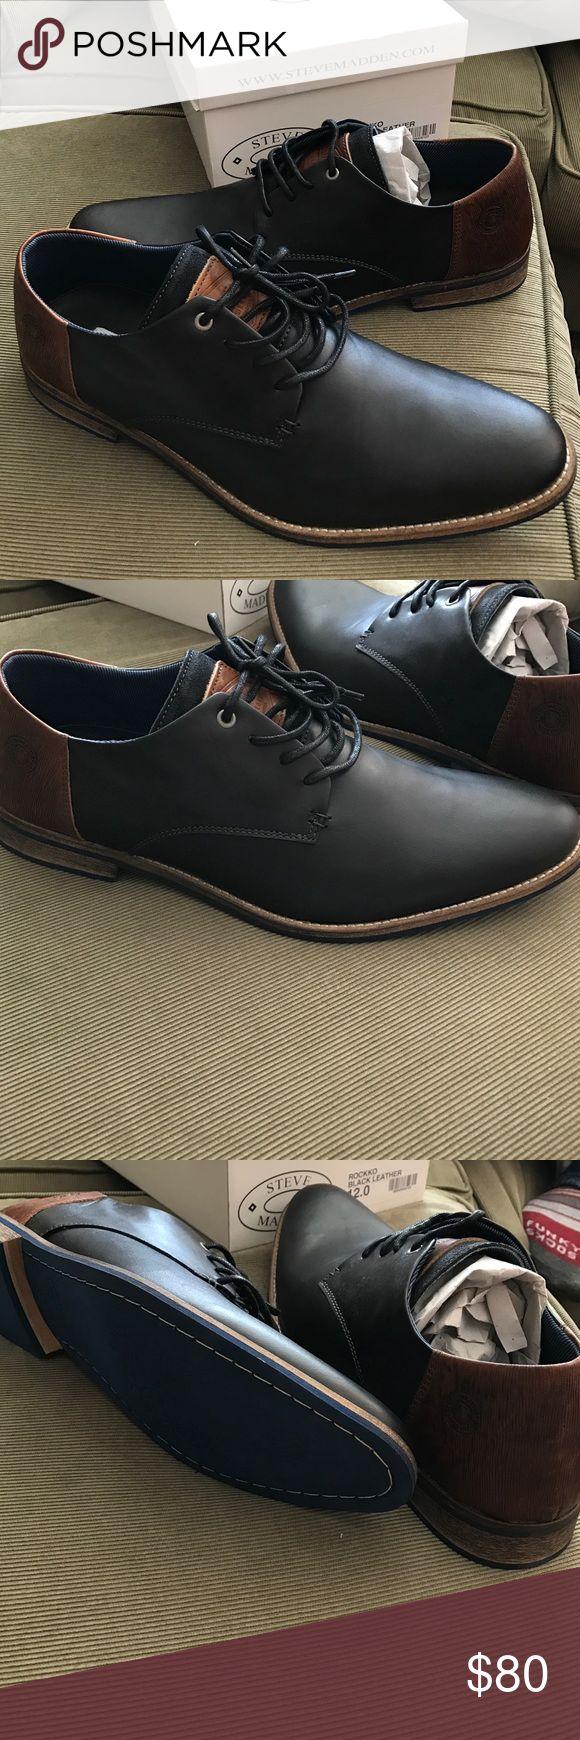 Mens shoes BRAND NEW Steve Madden BRAND NEW OXFORDS Steve Madden Shoes Oxfords & Derbys